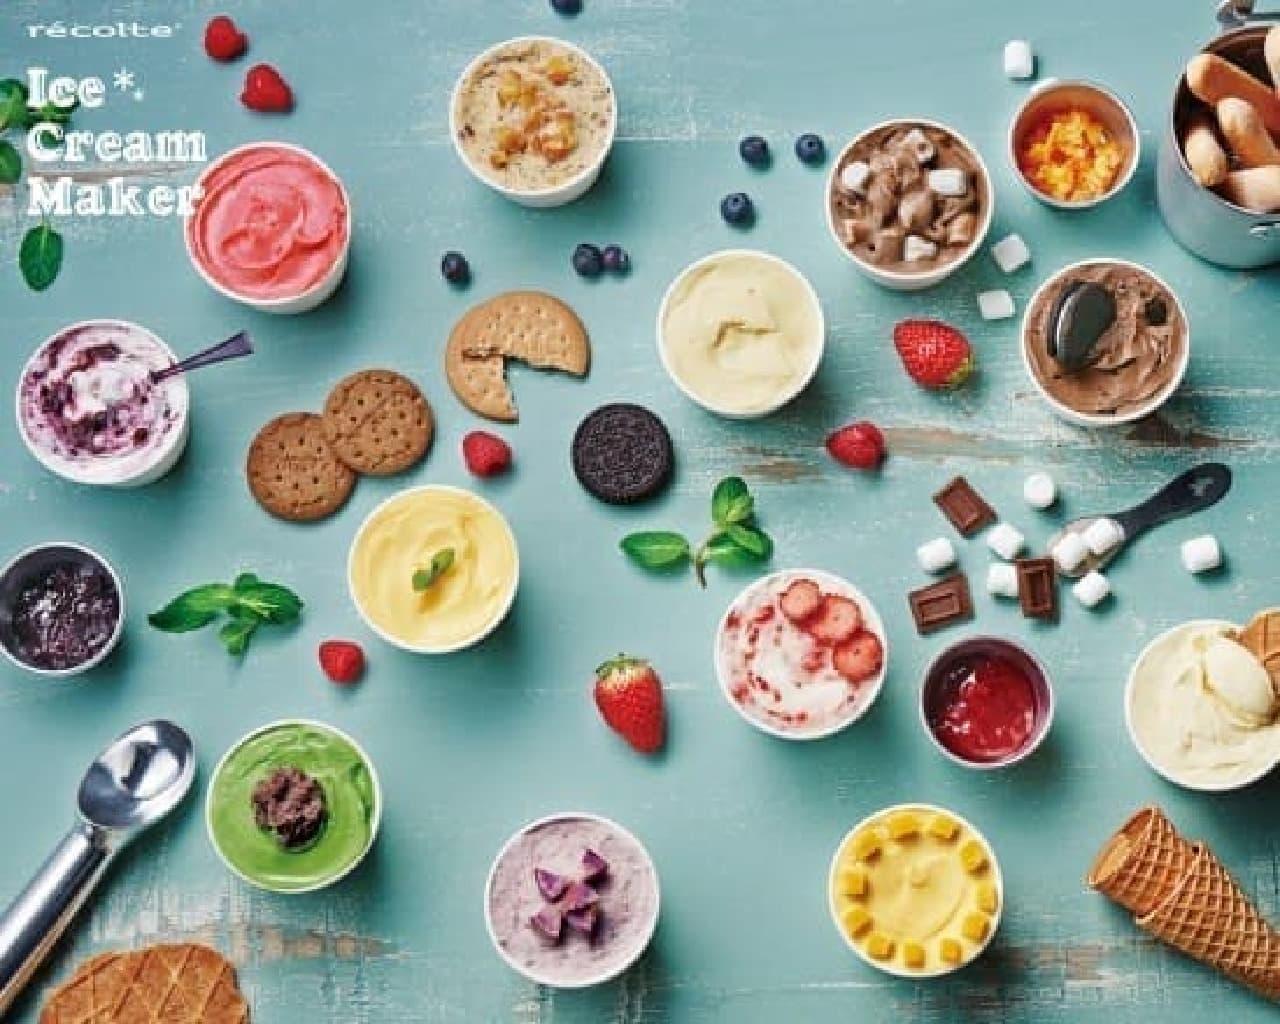 recolte(レコルト)アイスクリームメーカー